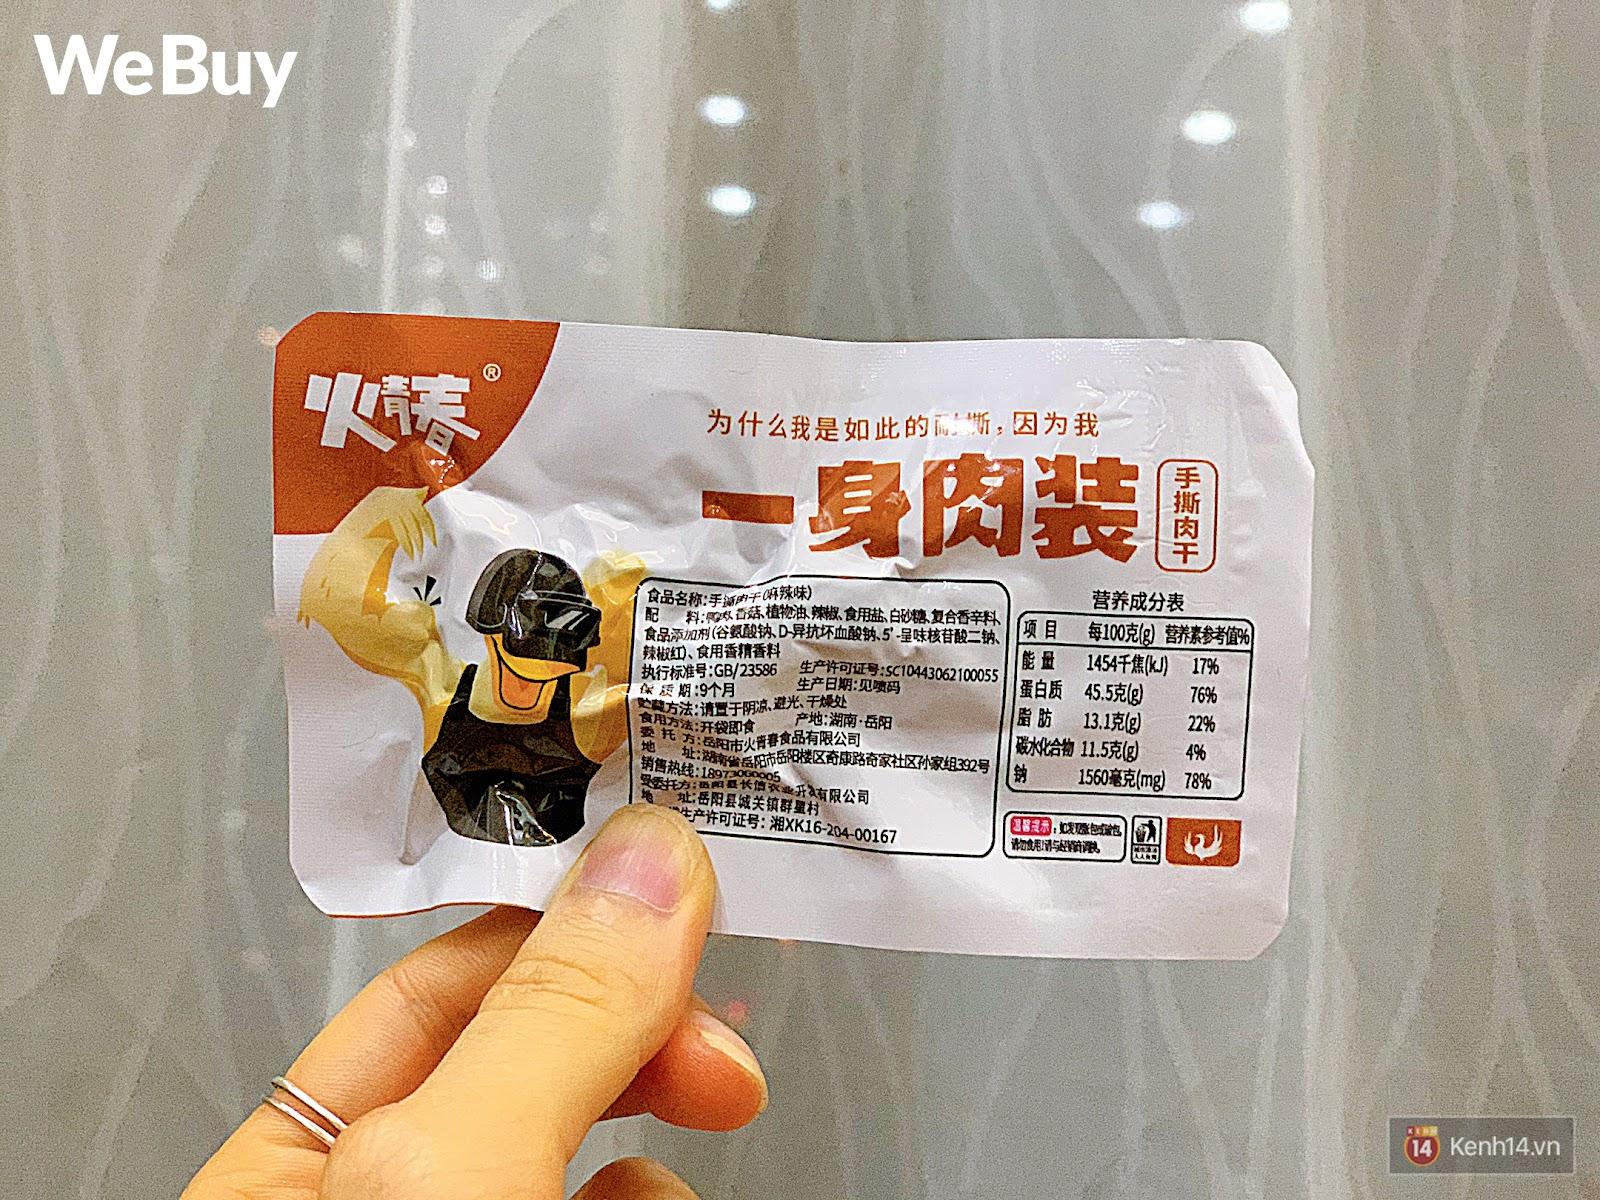 """Review set đồ ăn vặt nội địa Trung Quốc hot hit gần đây: Lung linh hấp dẫn là thế nhưng ăn thử mới thấy như bị... """"lừa tình"""" - Ảnh 11."""